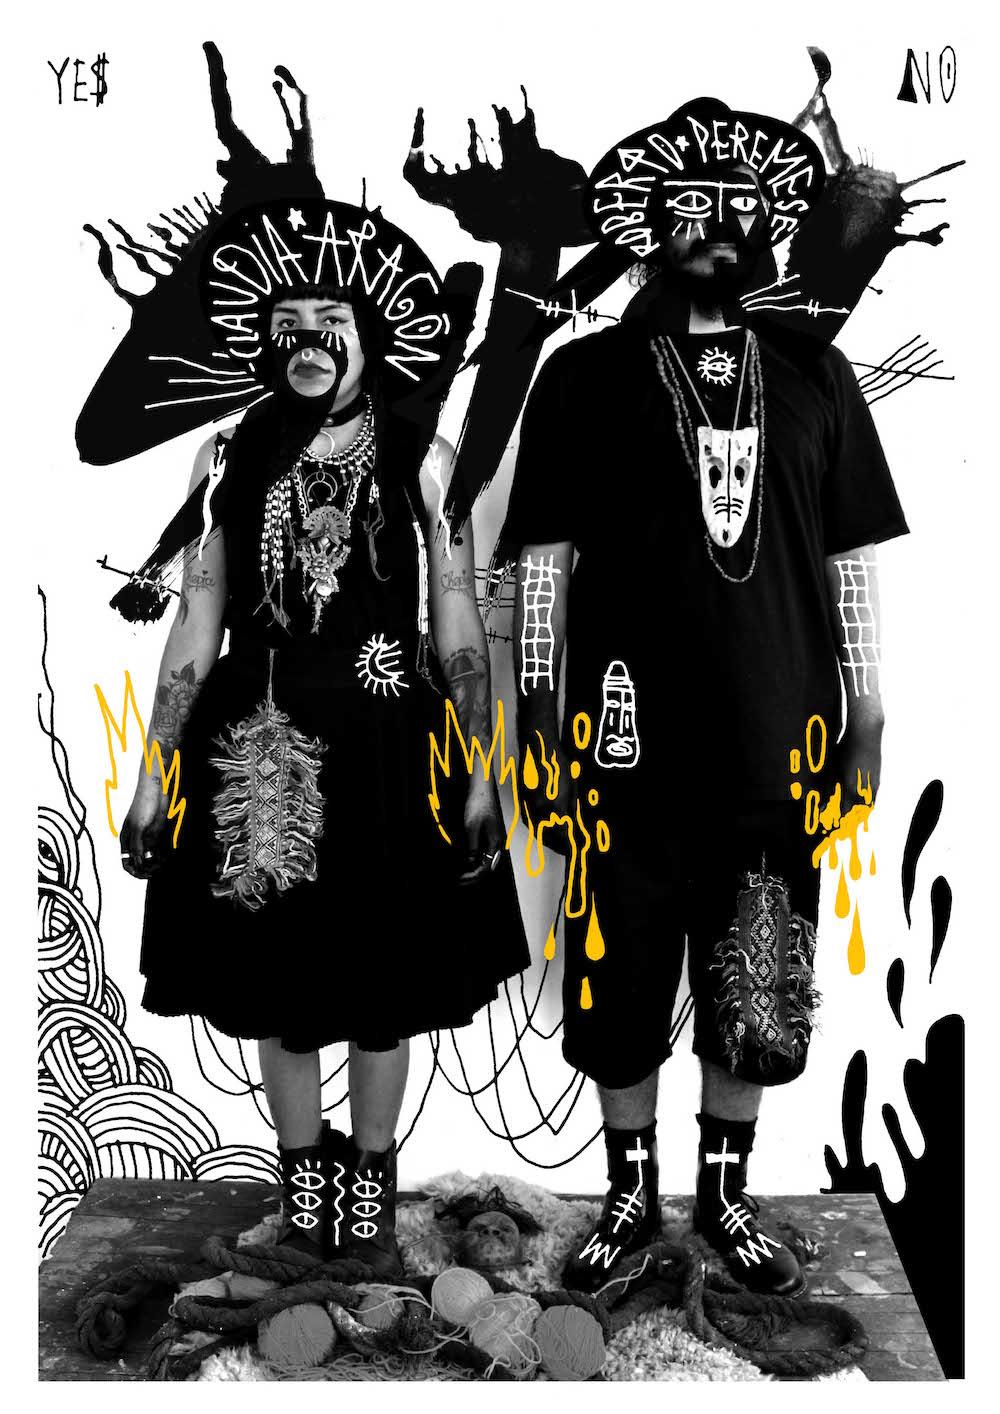 Supay: La muestra artística que une el arte urbano con la indumentaria